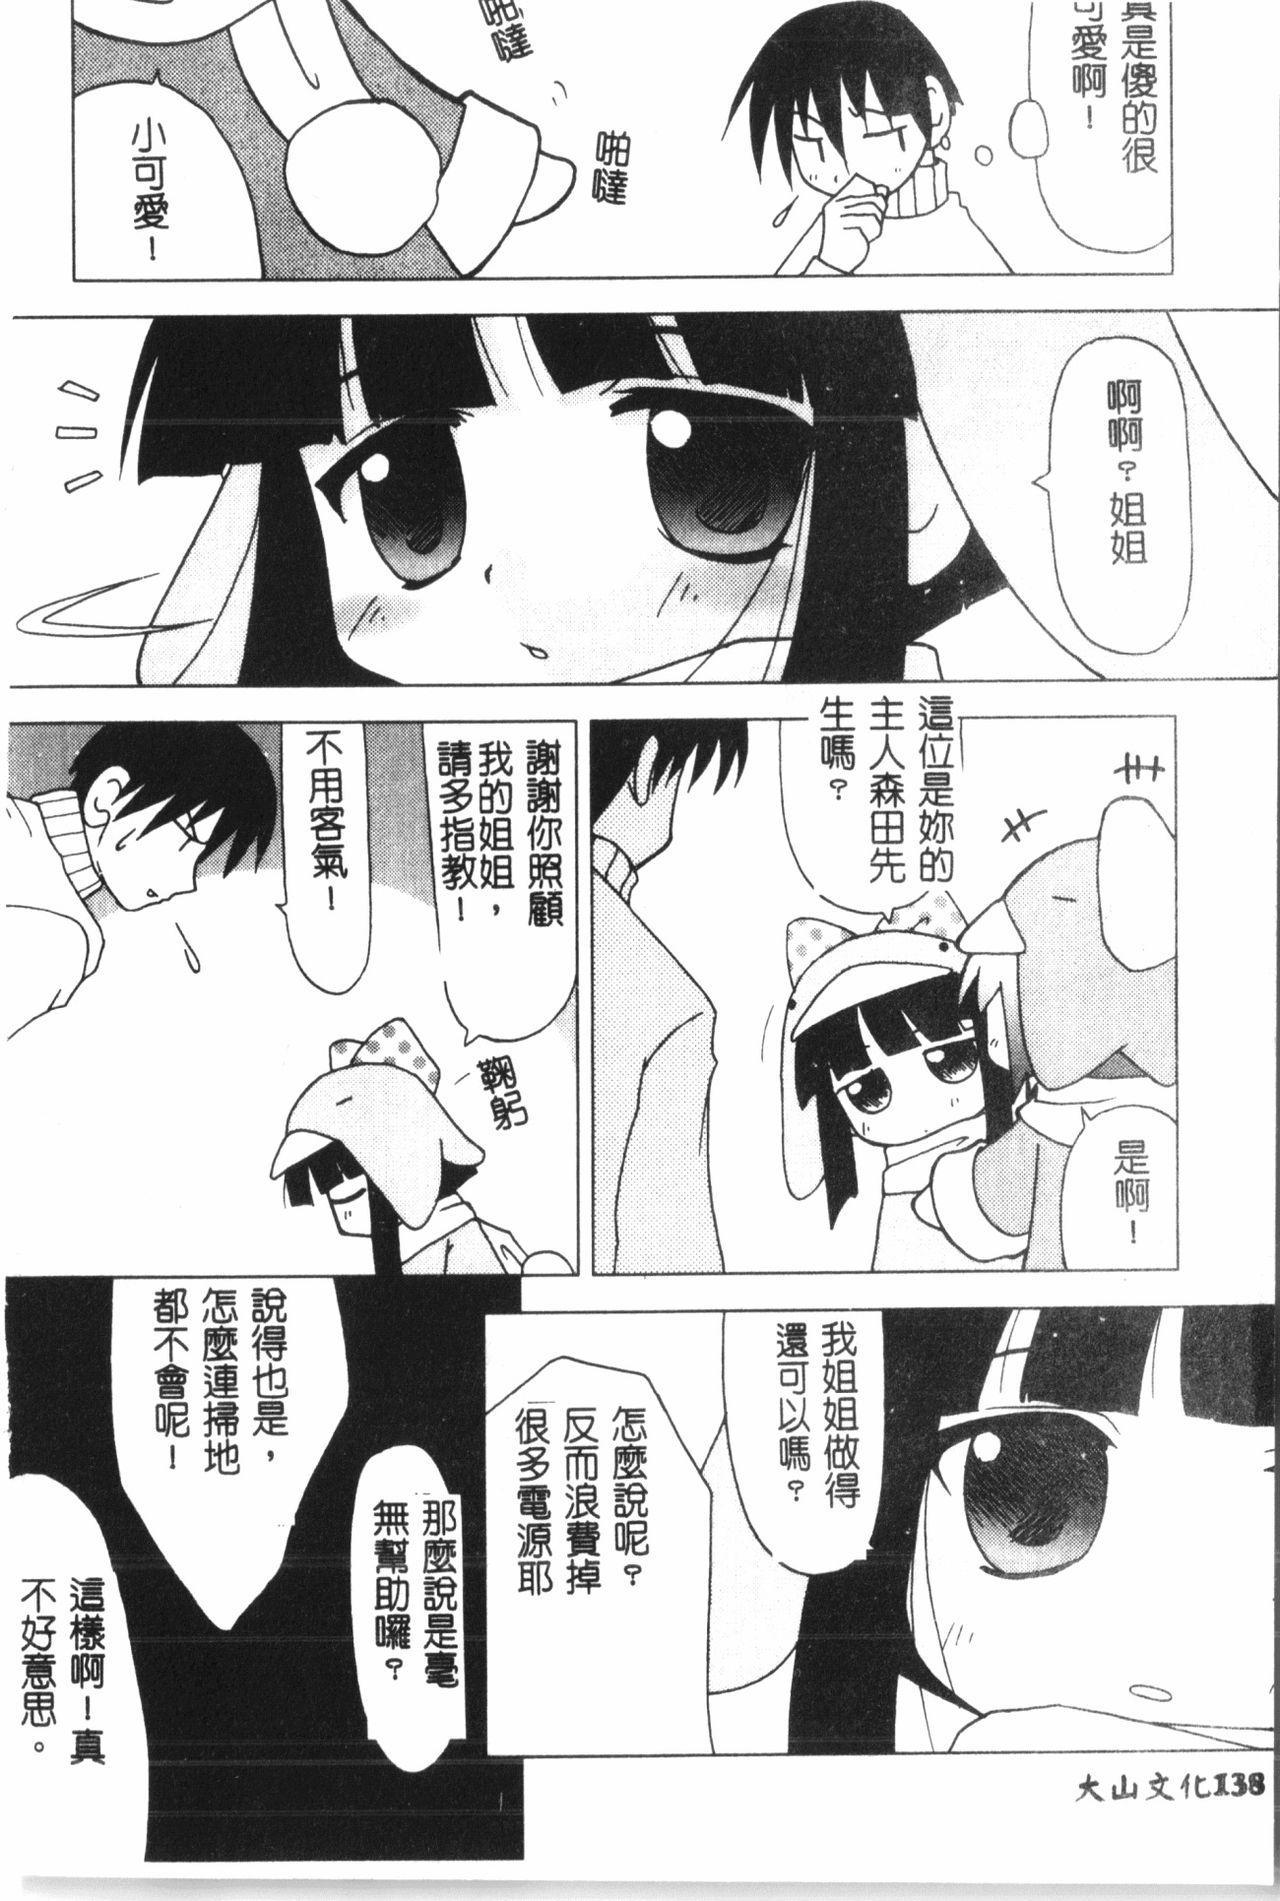 Naru Hina Plus 3 138